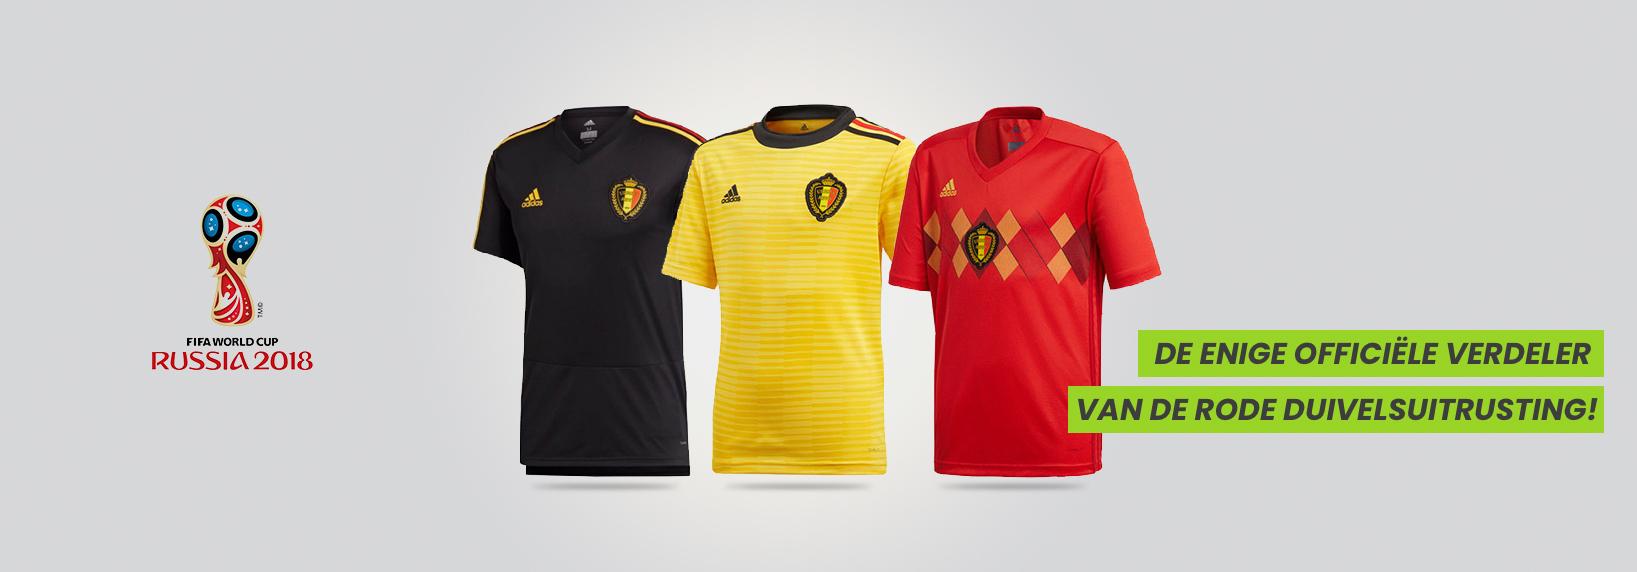 Officiële WK truitjes België